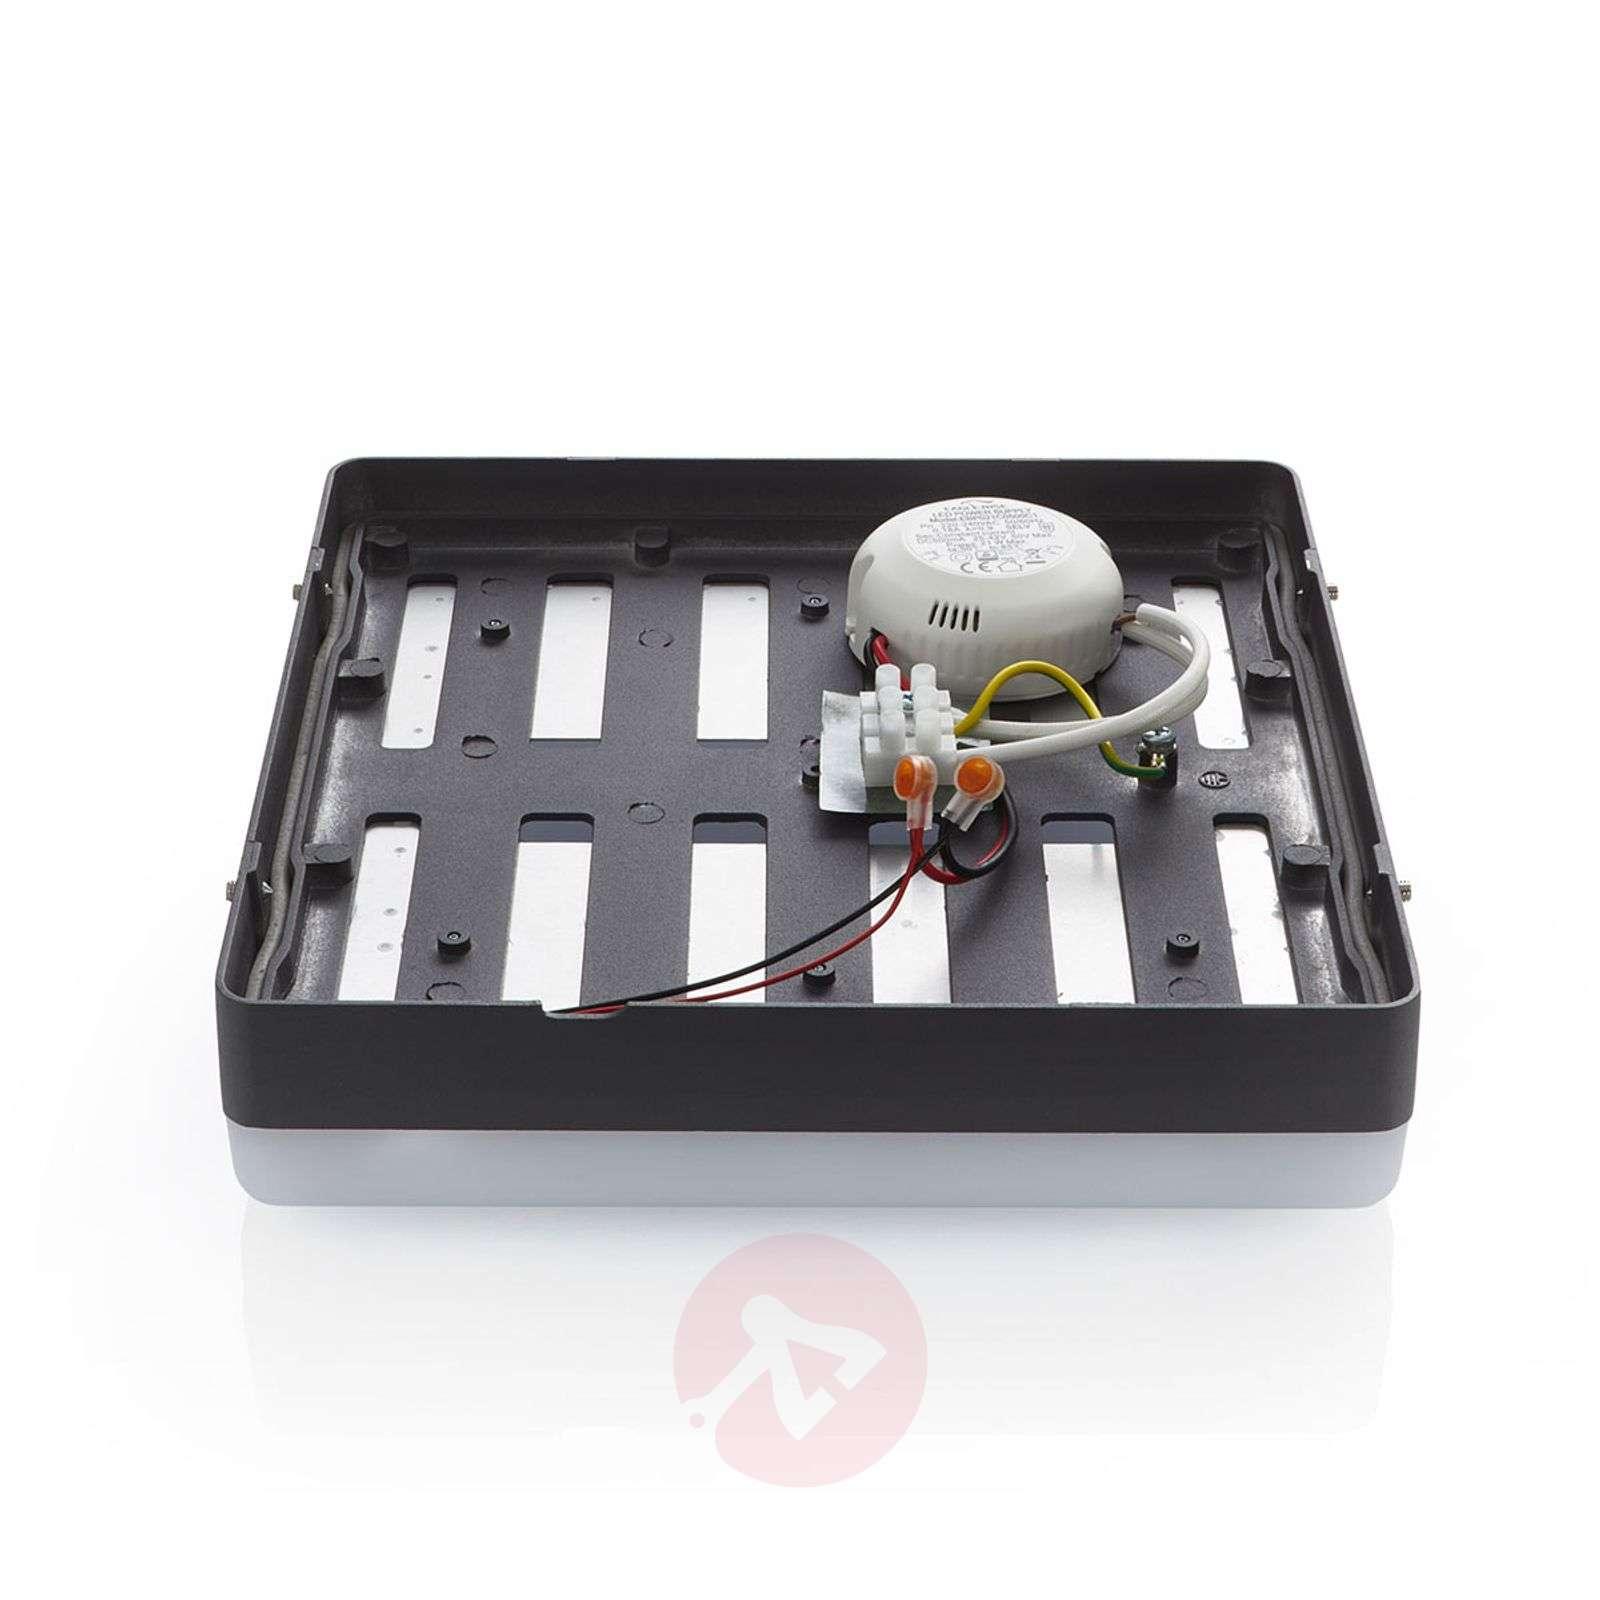 LED-kattovalaisin Thilo, harmaa, 24 cm-9969091-02